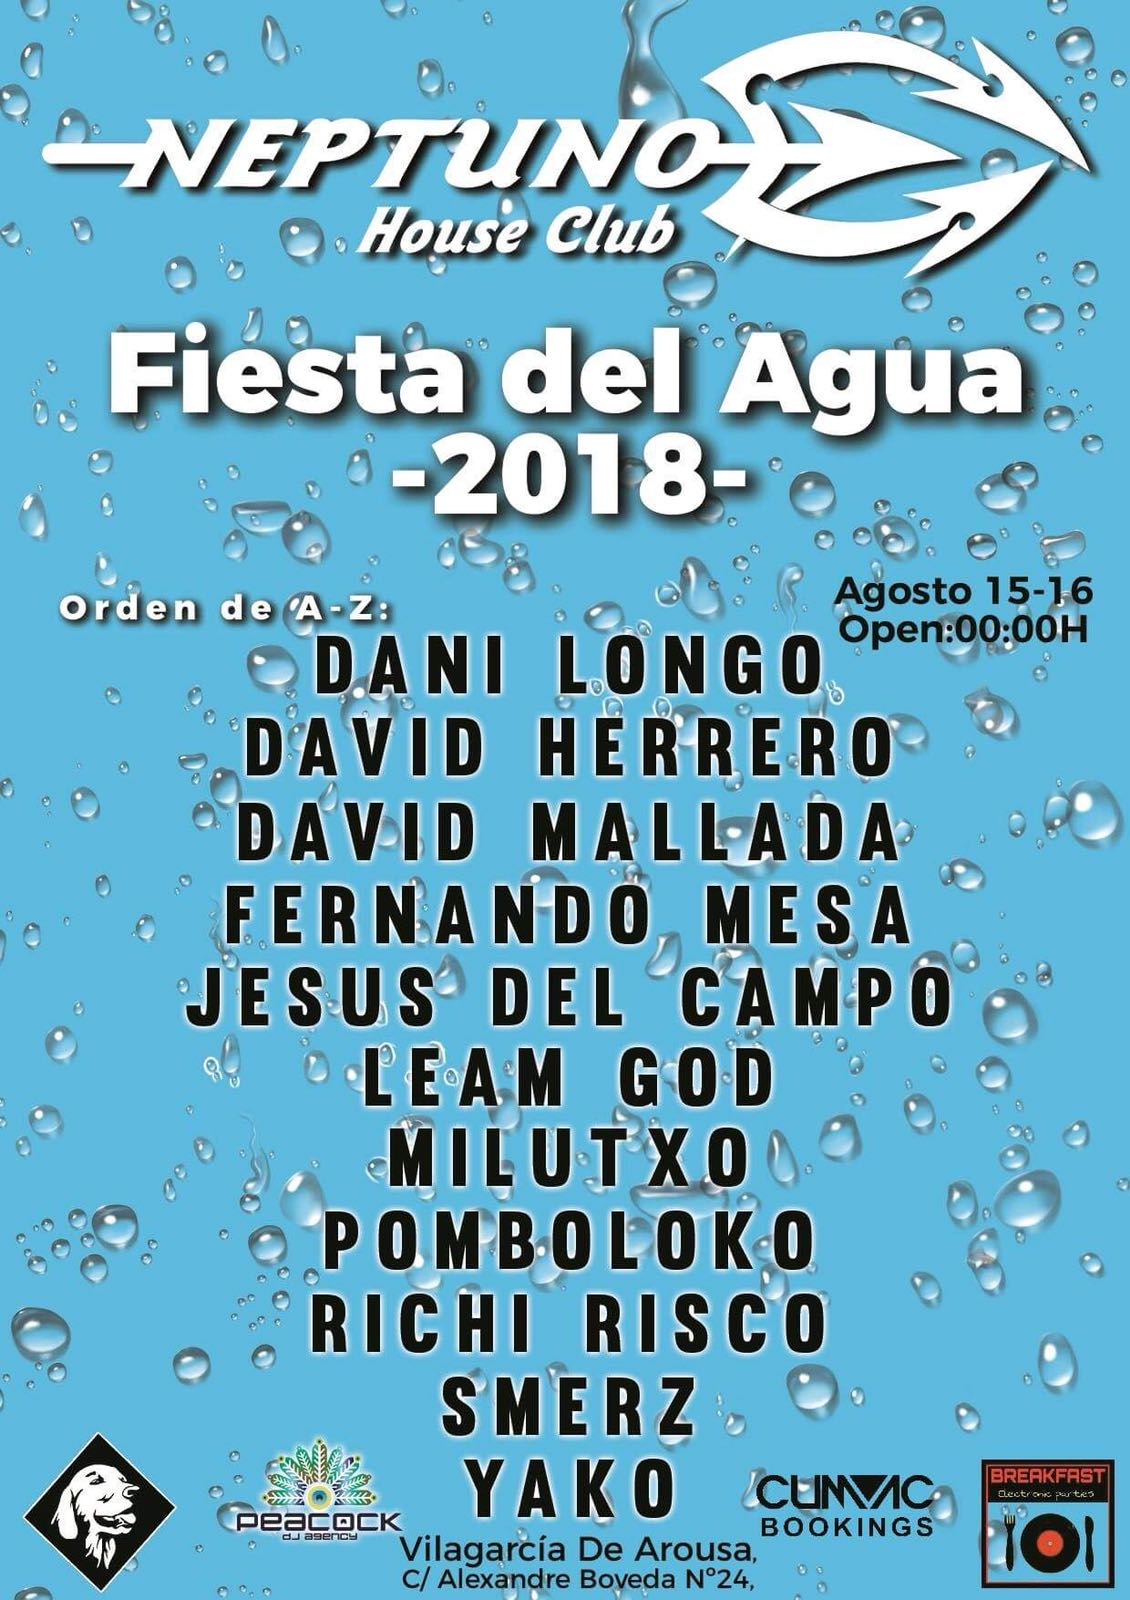 fiesta del agua 2018 jesus del campo